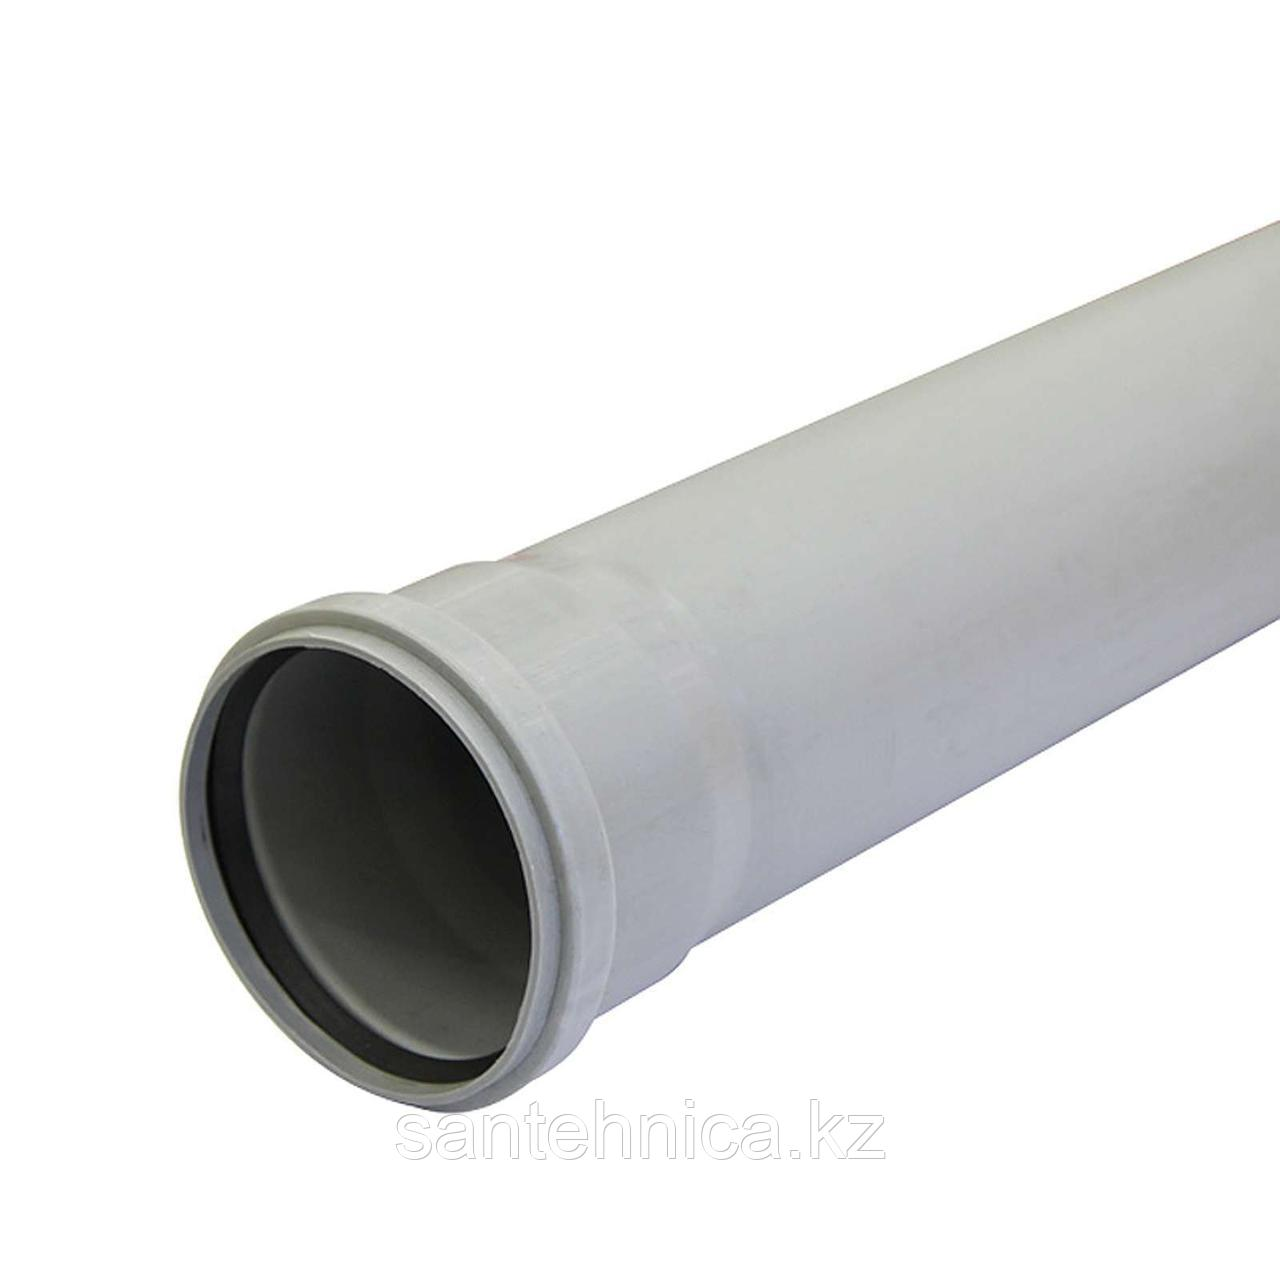 Труба с раструбом канализационная серая ПП Дн 110*2,2 L=2м Россия